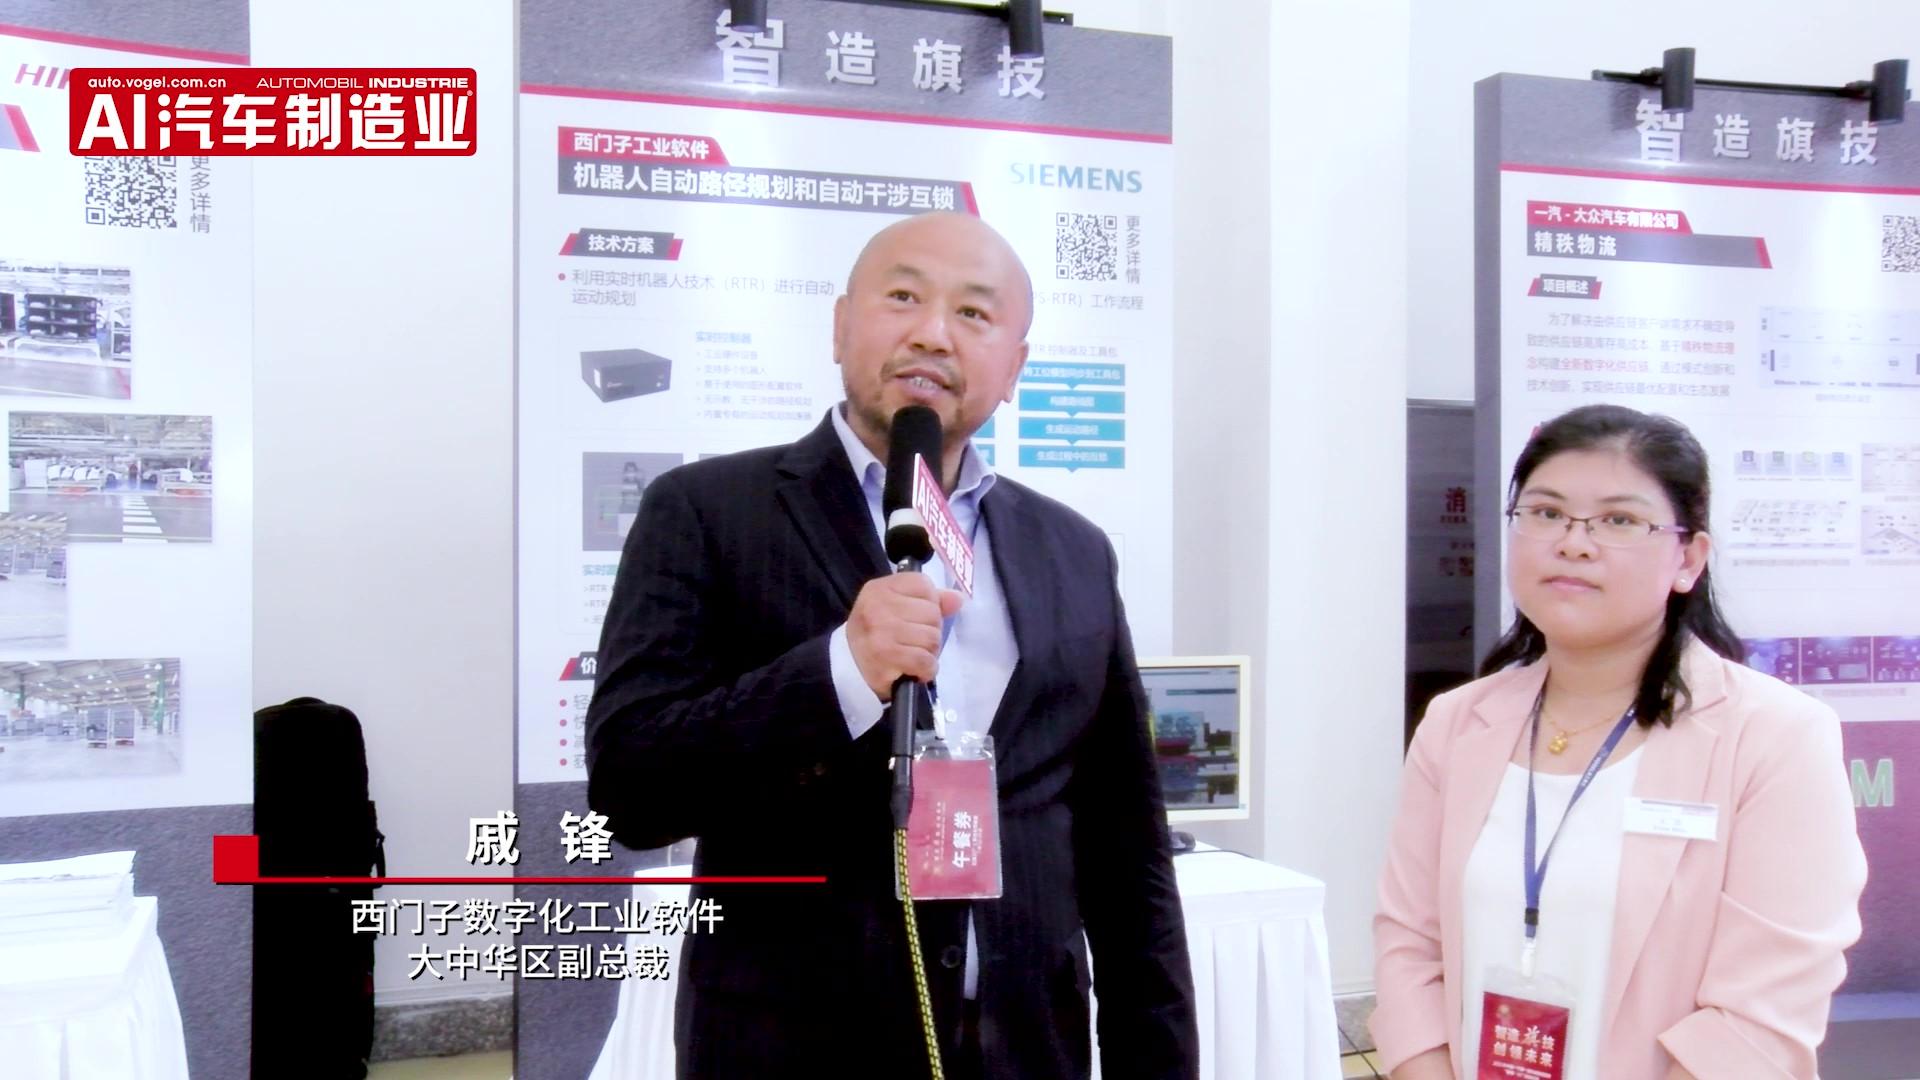 西门子数字化工业软件大中华区副总裁戚锋